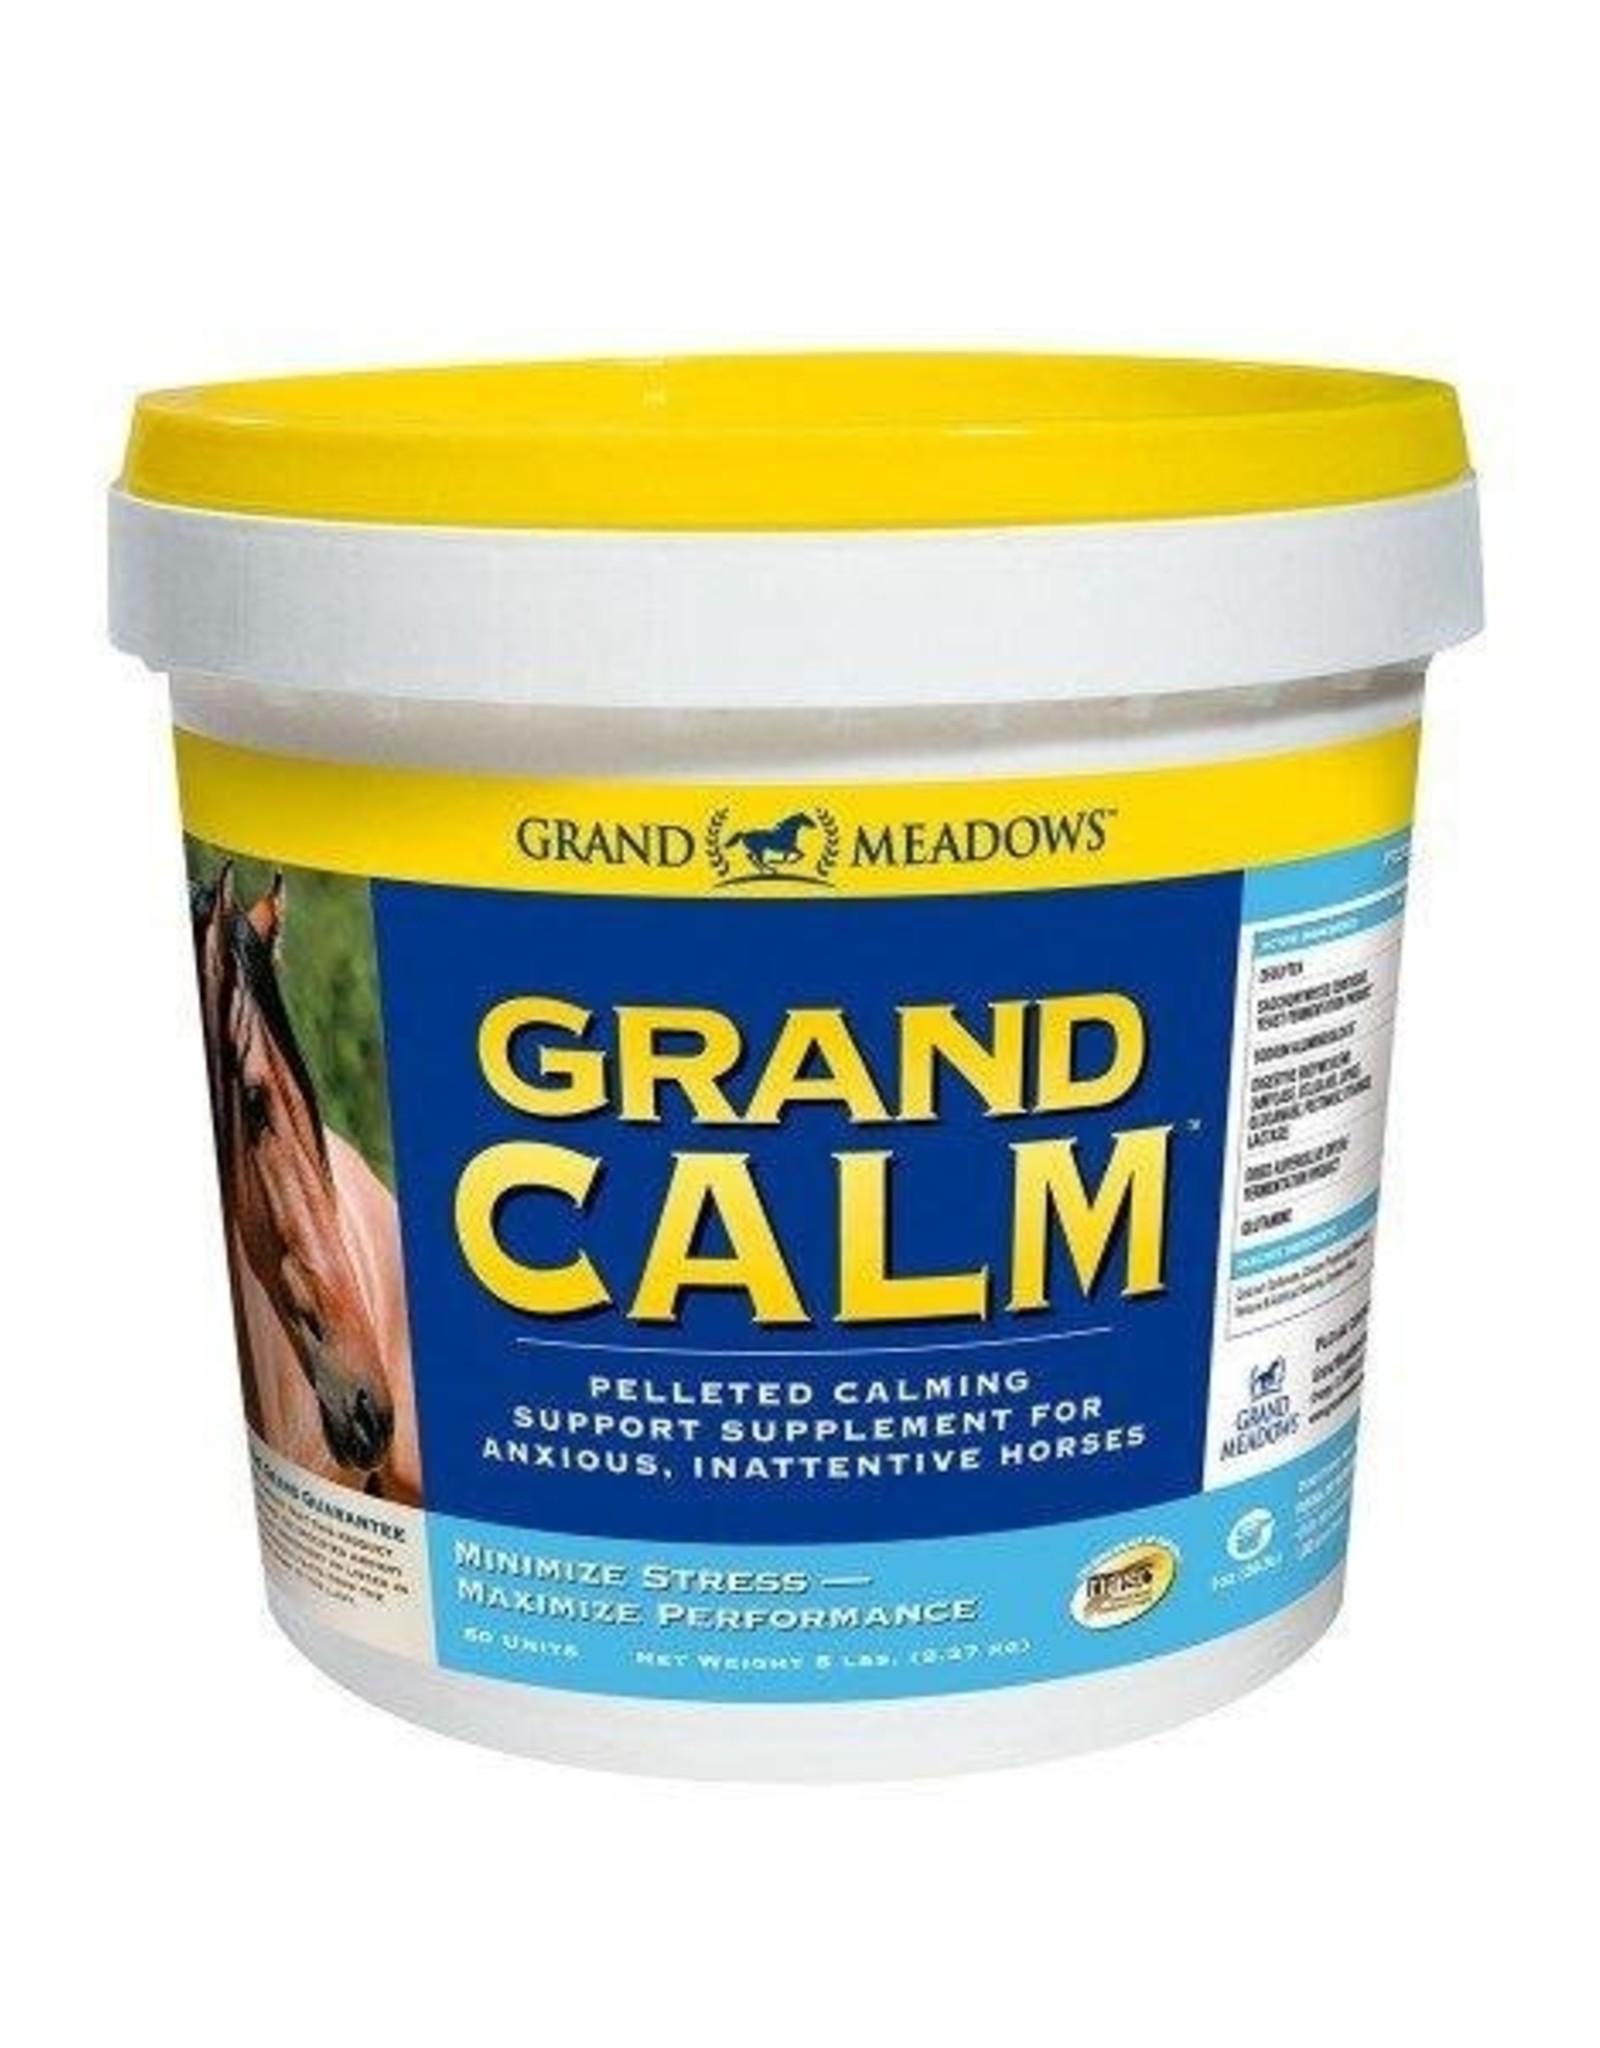 Grand Meadows Grand Calm Pellets - 5lb